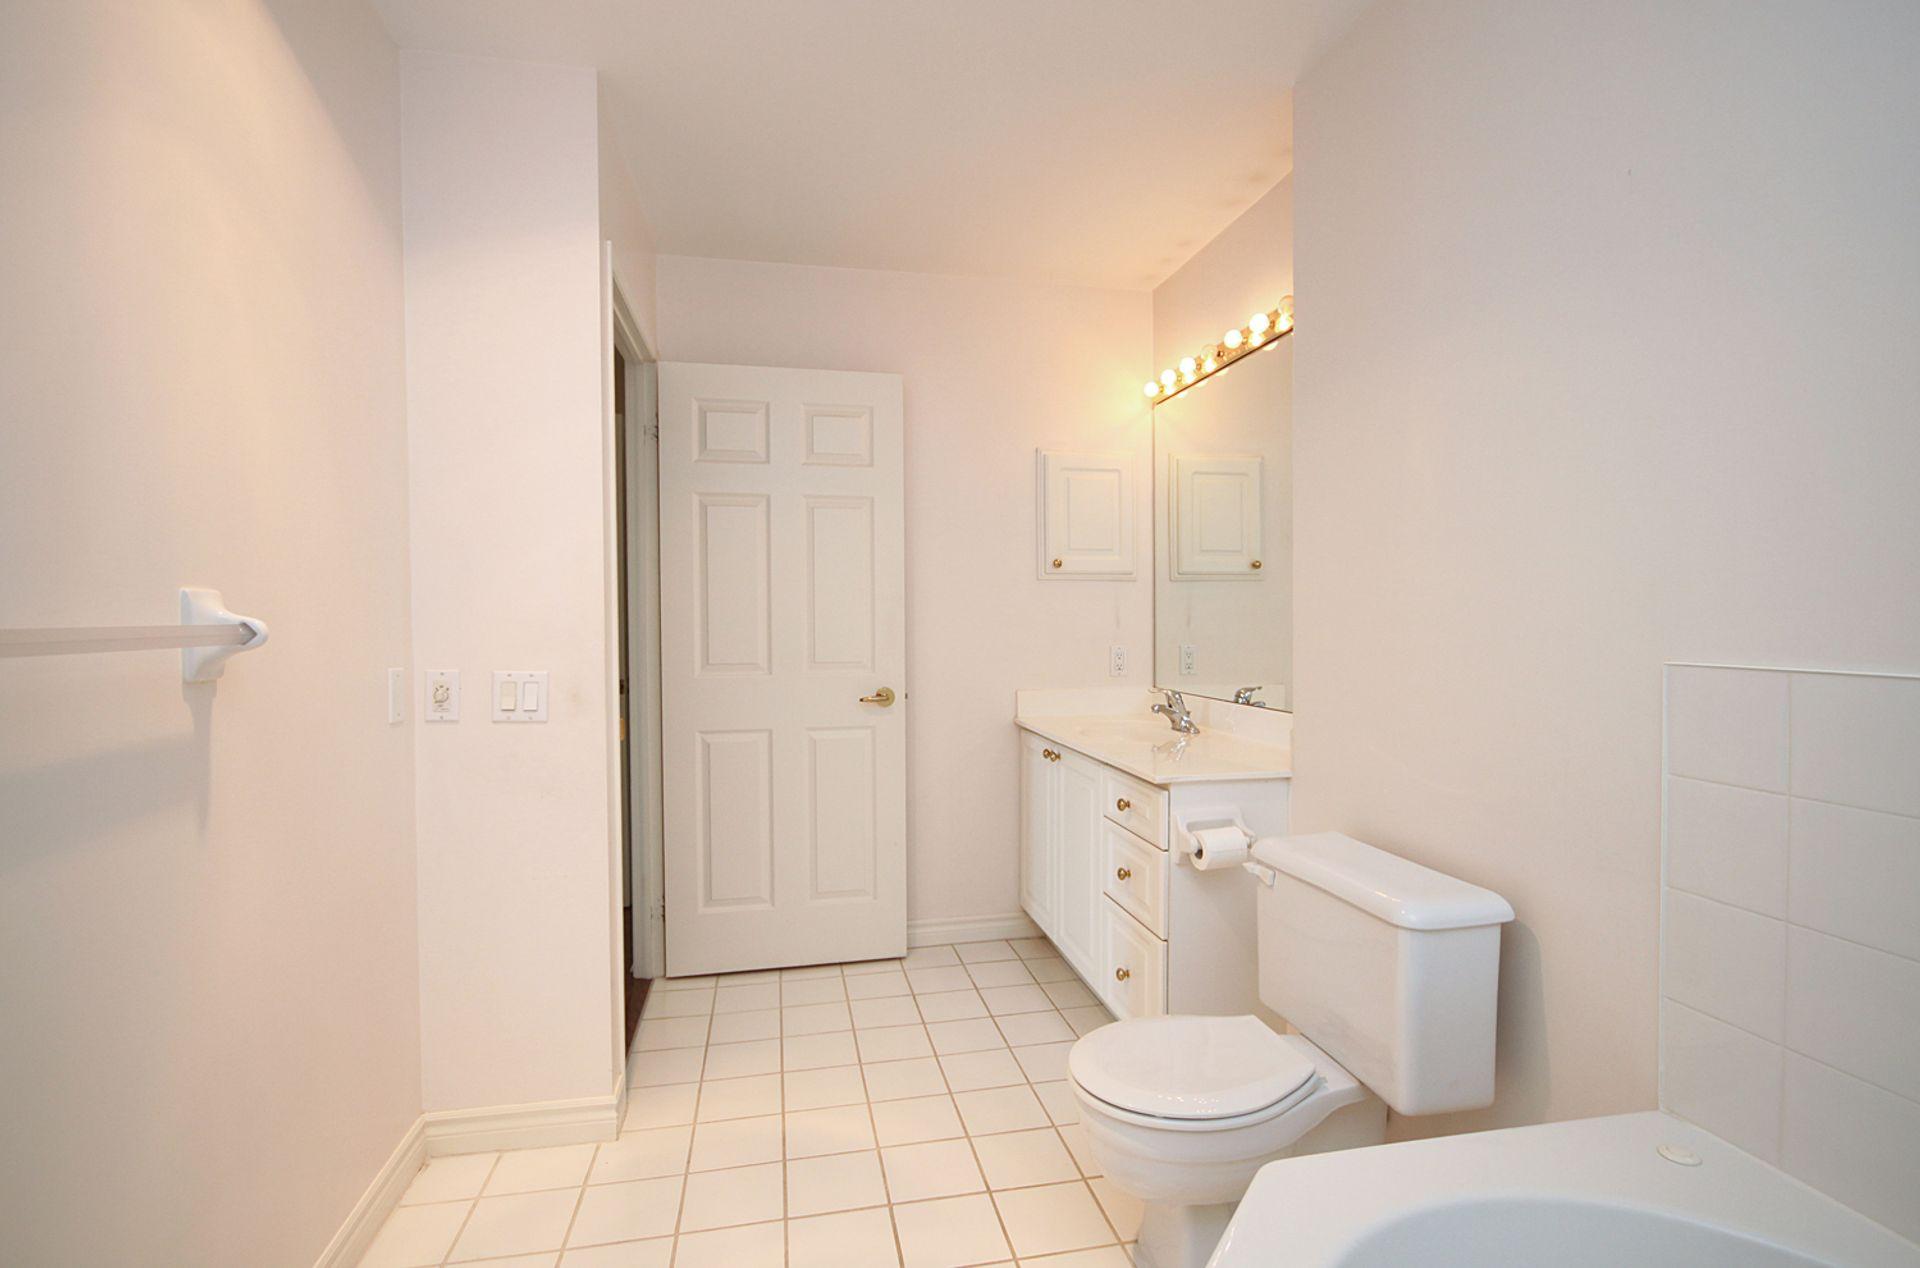 4 Piece Ensuite Bathroom at 810 - 18 Concorde Place, Banbury-Don Mills, Toronto